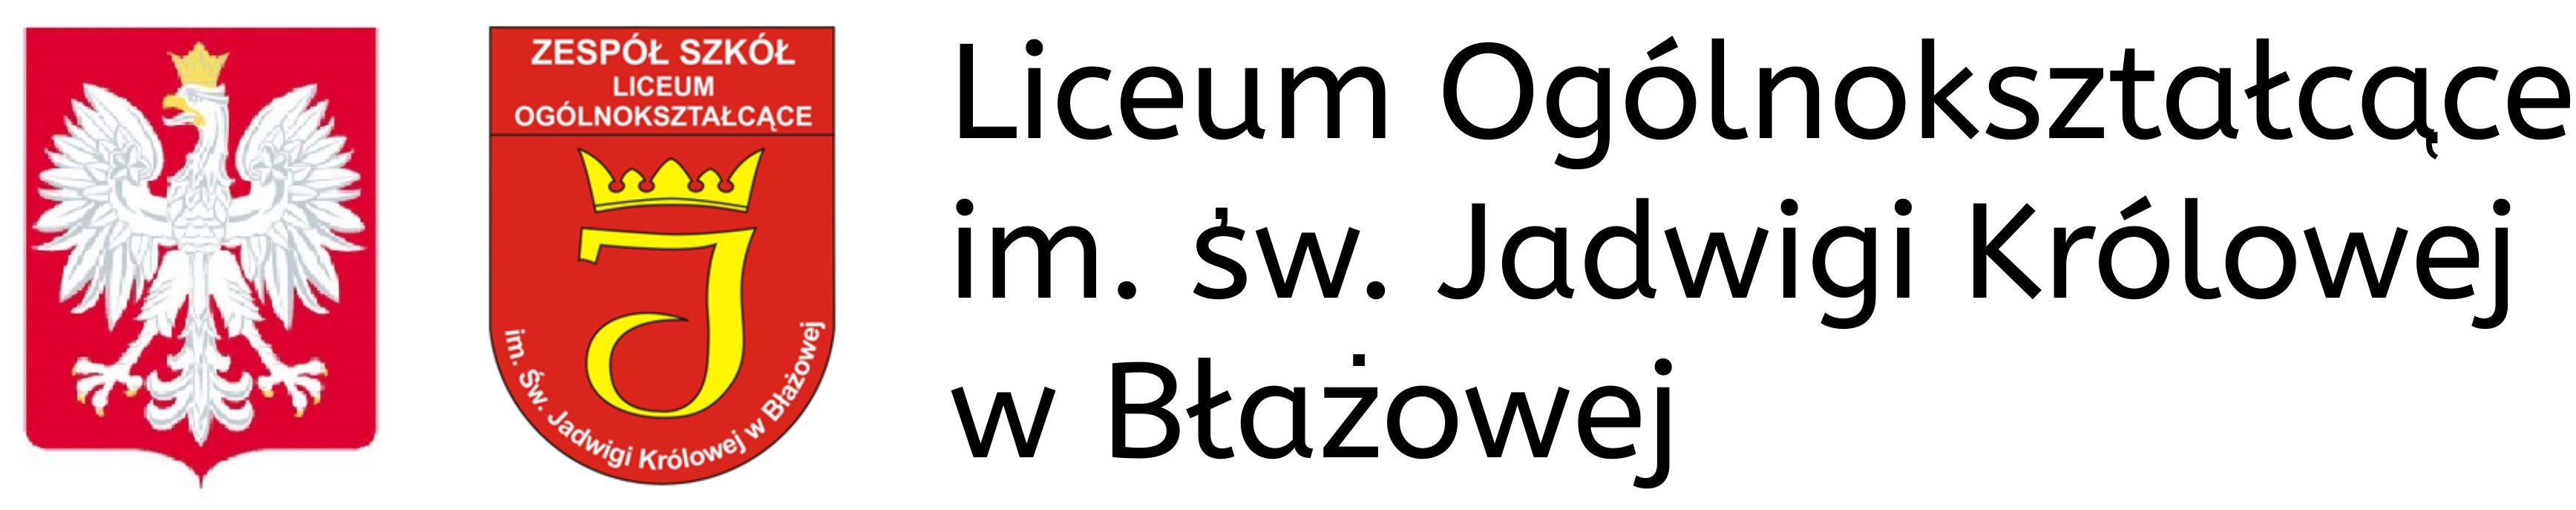 Liceum Ogólnokształcące w Błażowej